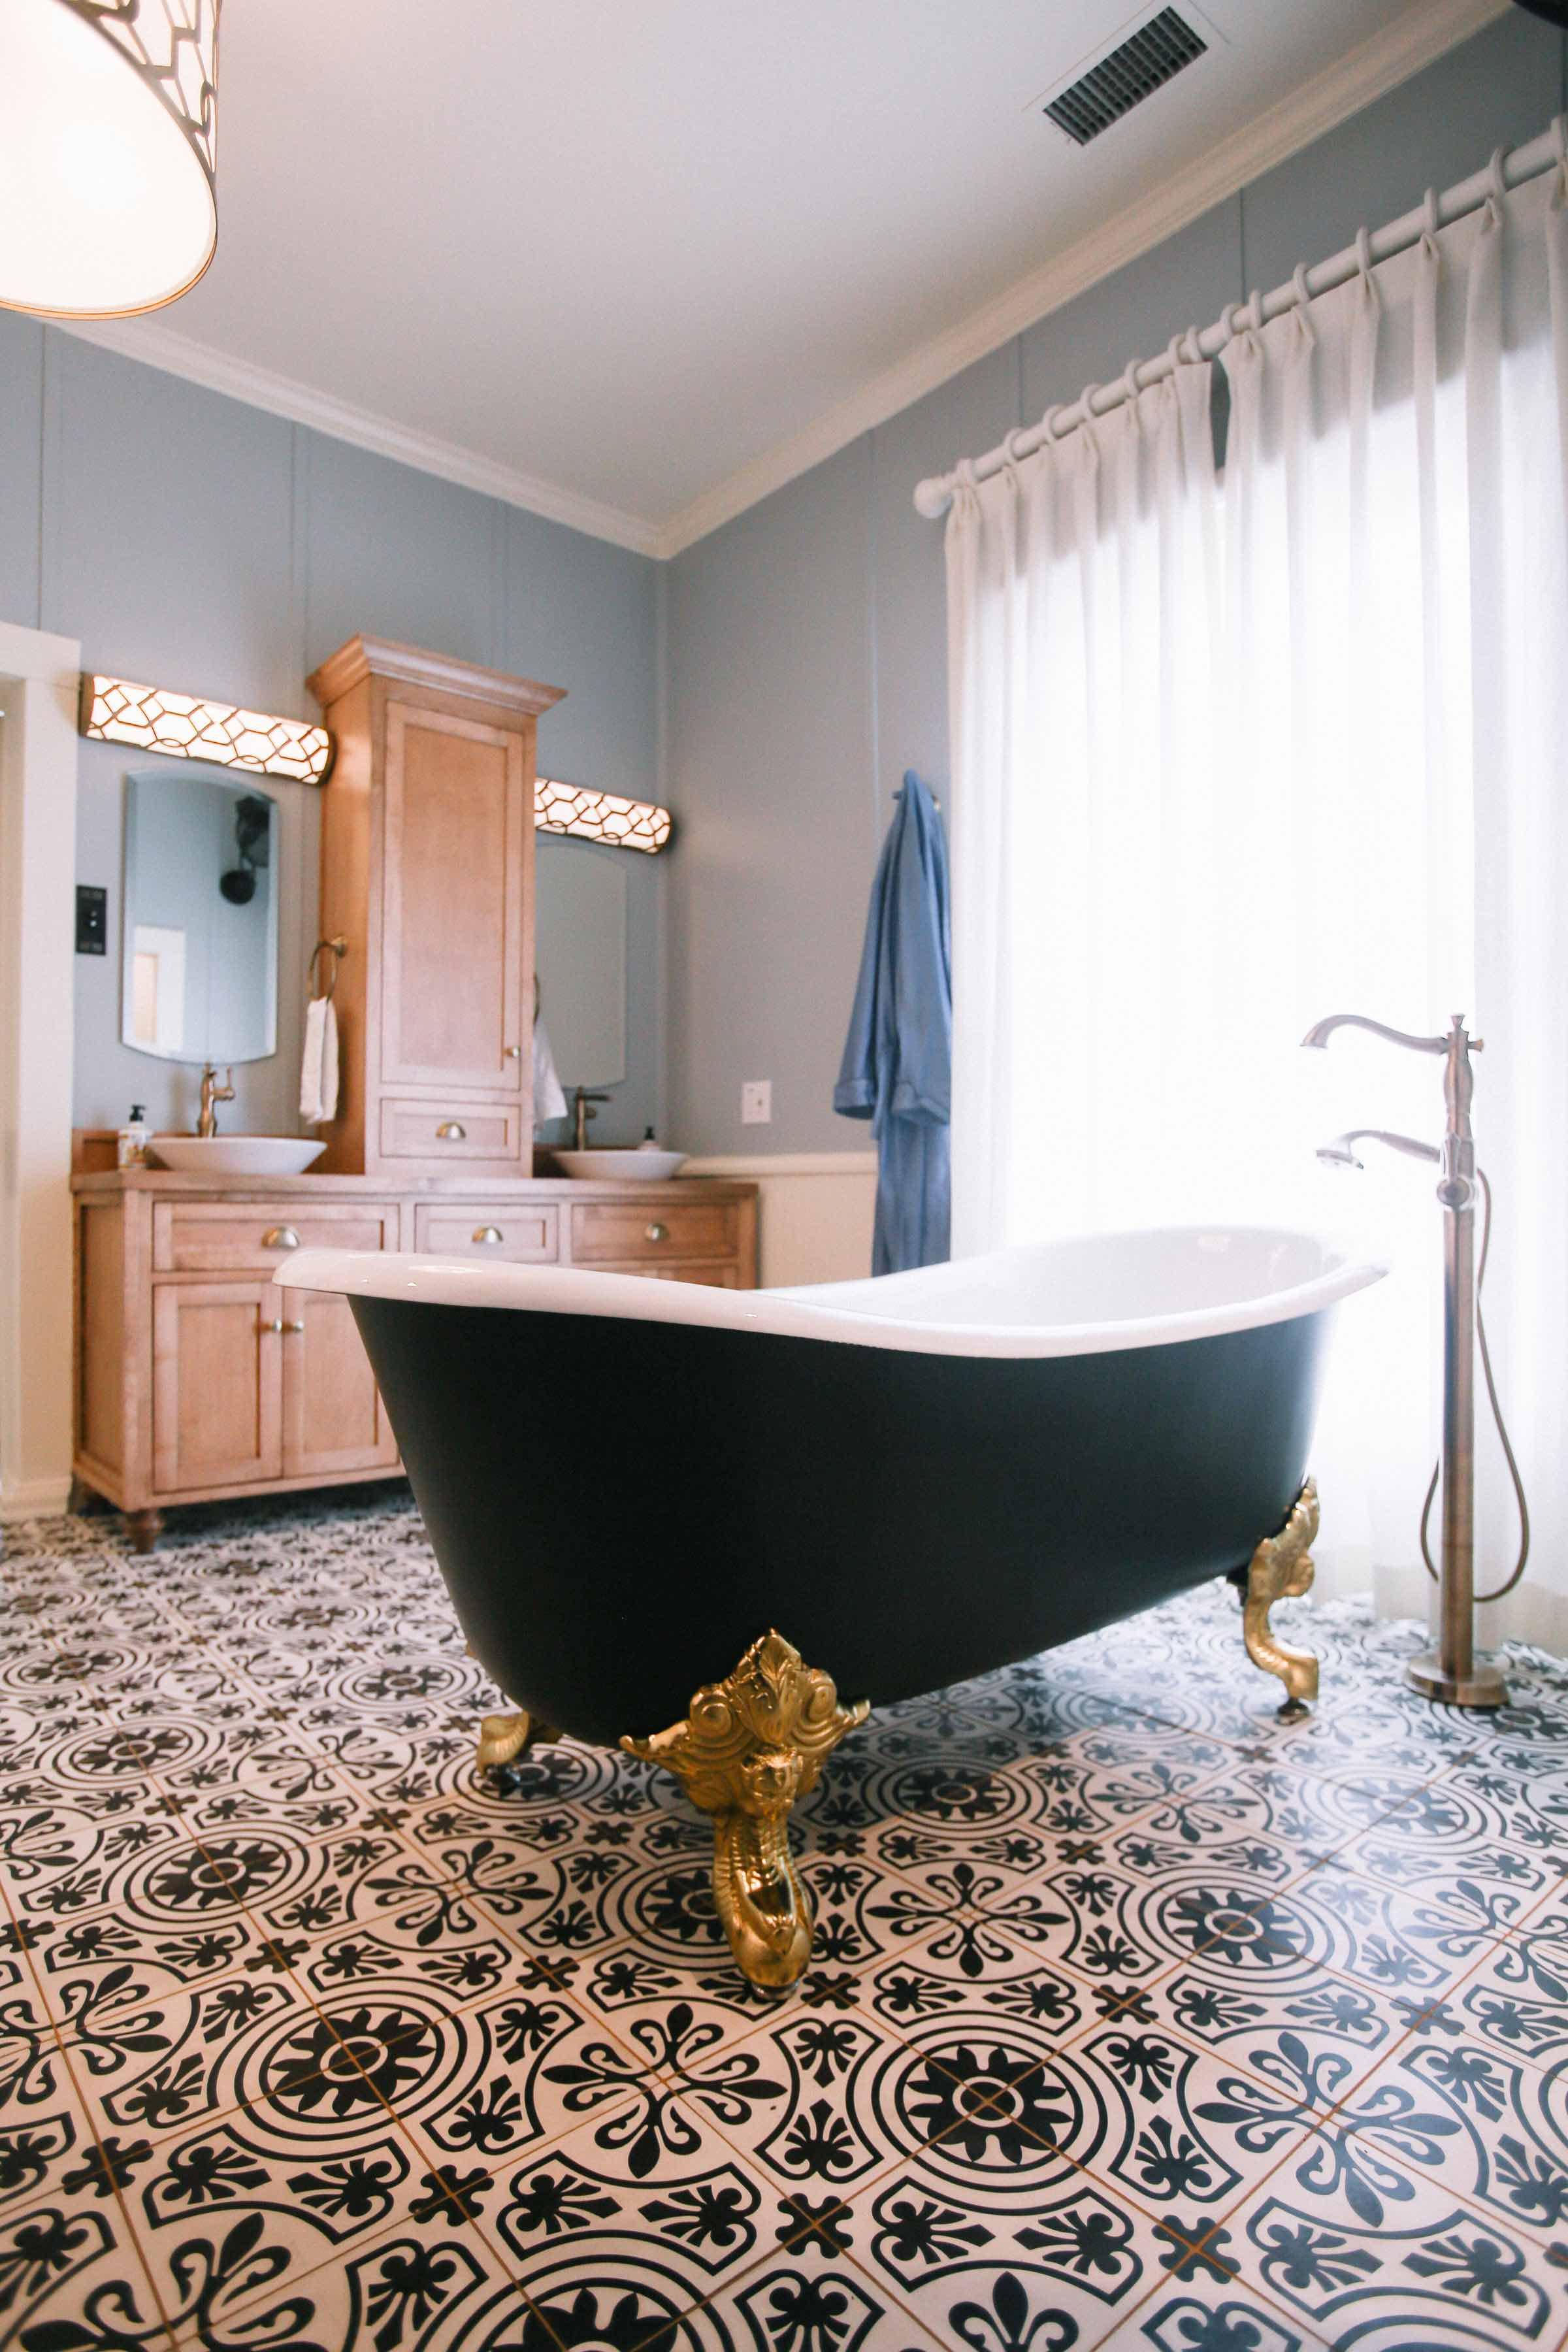 Bathroom-remodel-with-clawfoot-tub.jpg